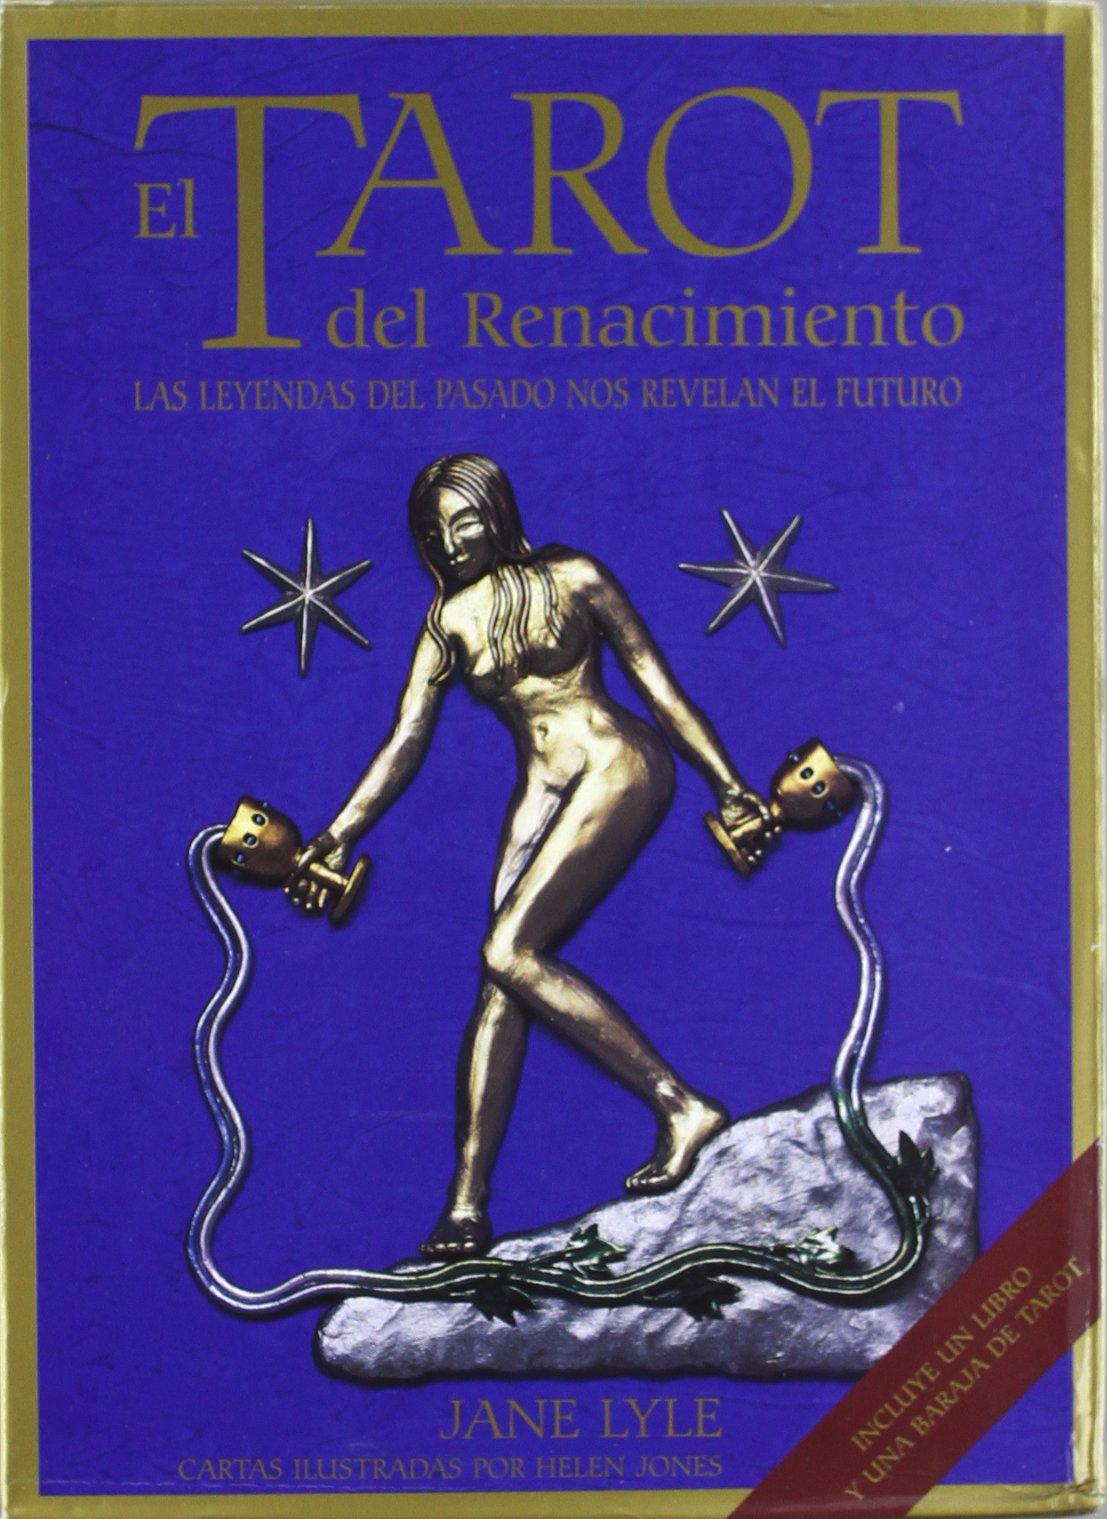 Amazon.com: El Tarot del Renacimiento (Spanish Edition ...